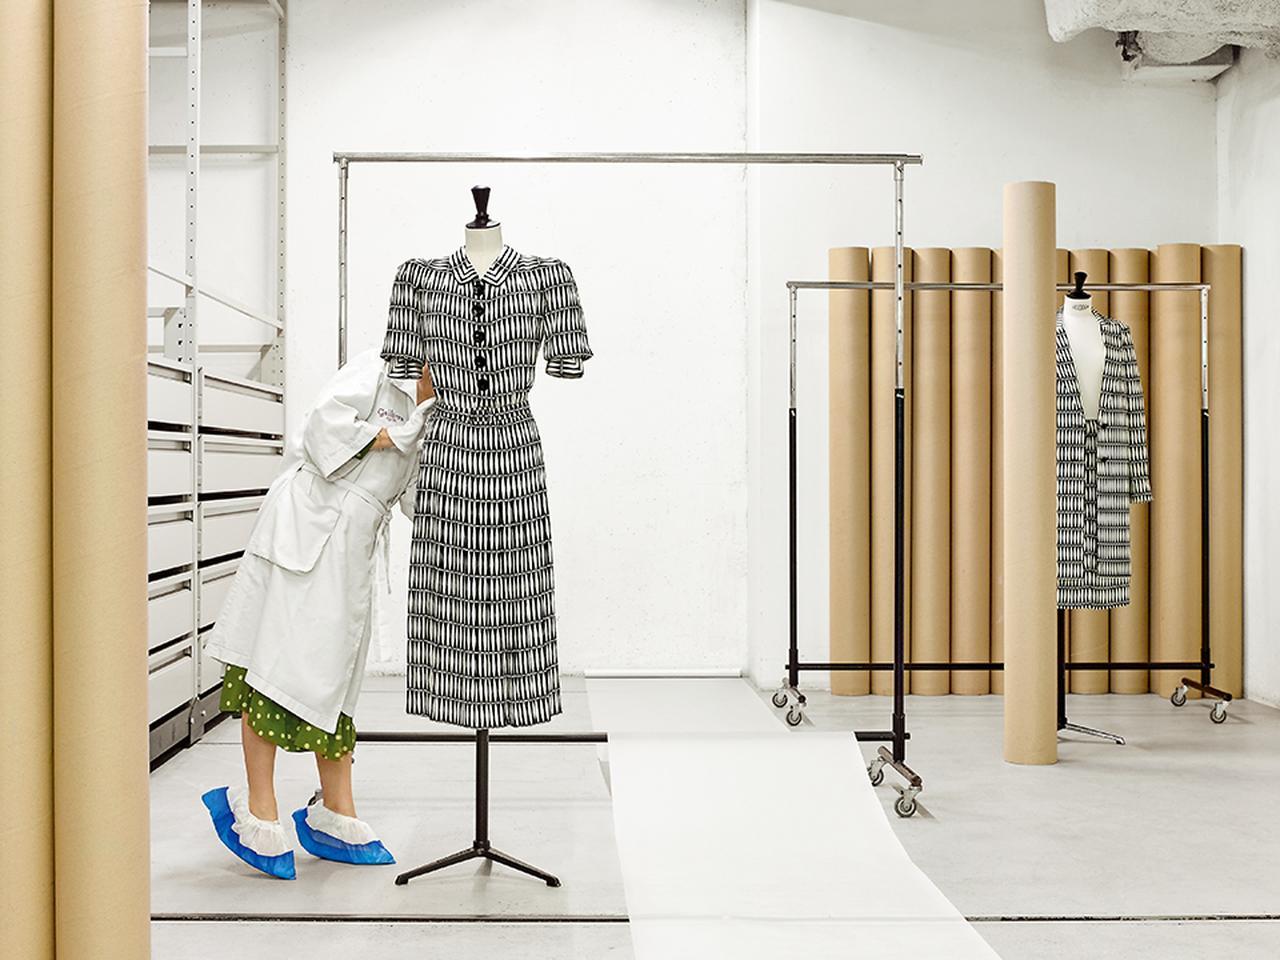 Images : 2番目の画像 - 「ファッションは 温故知新か、革新か―― <前編>」のアルバム - T JAPAN:The New York Times Style Magazine 公式サイト